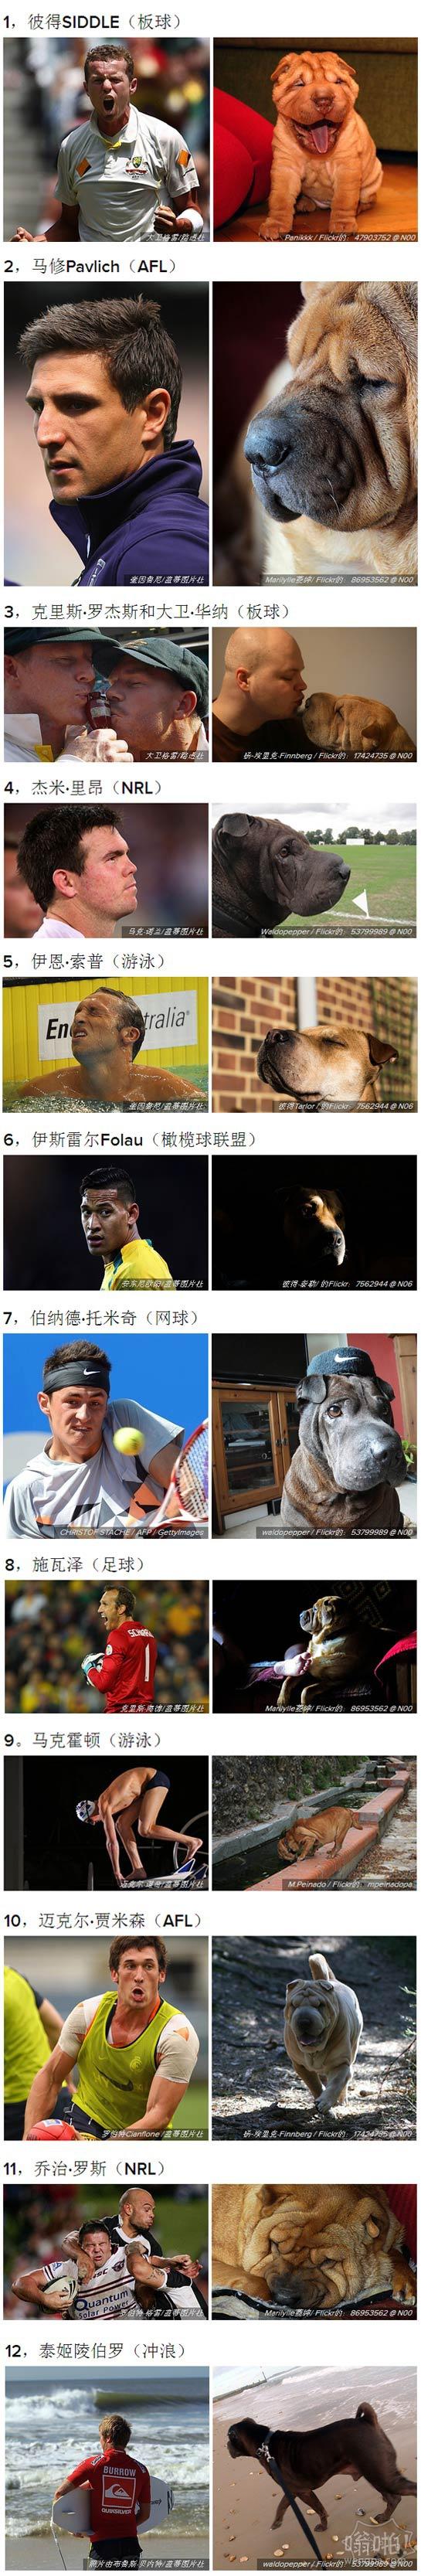 12澳大利亚体育明星,看起来像沙皮狗